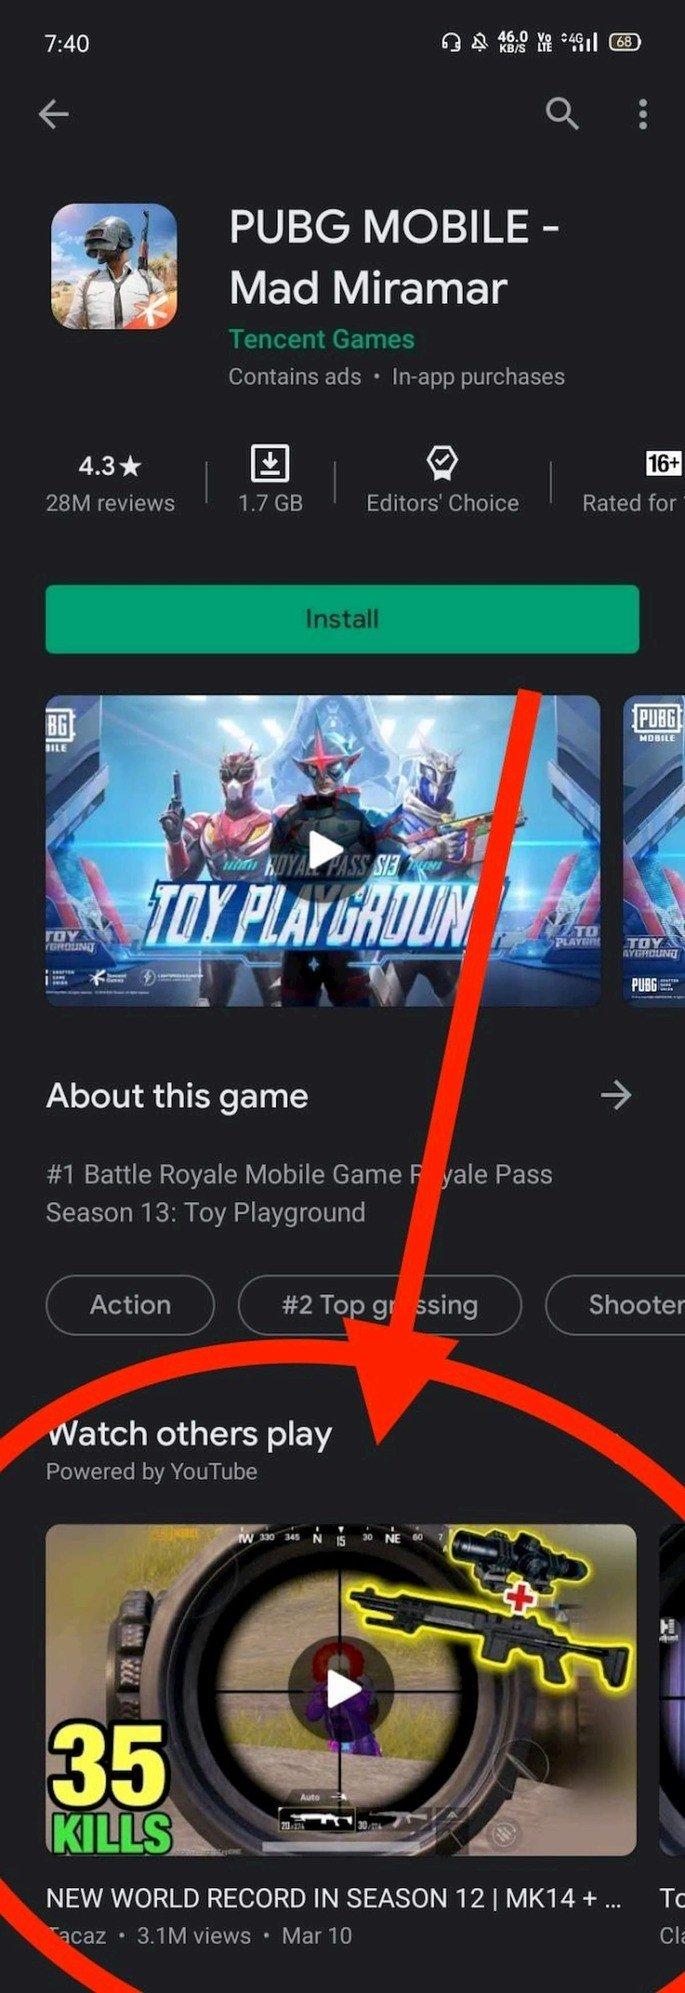 Google Play Store gameplays